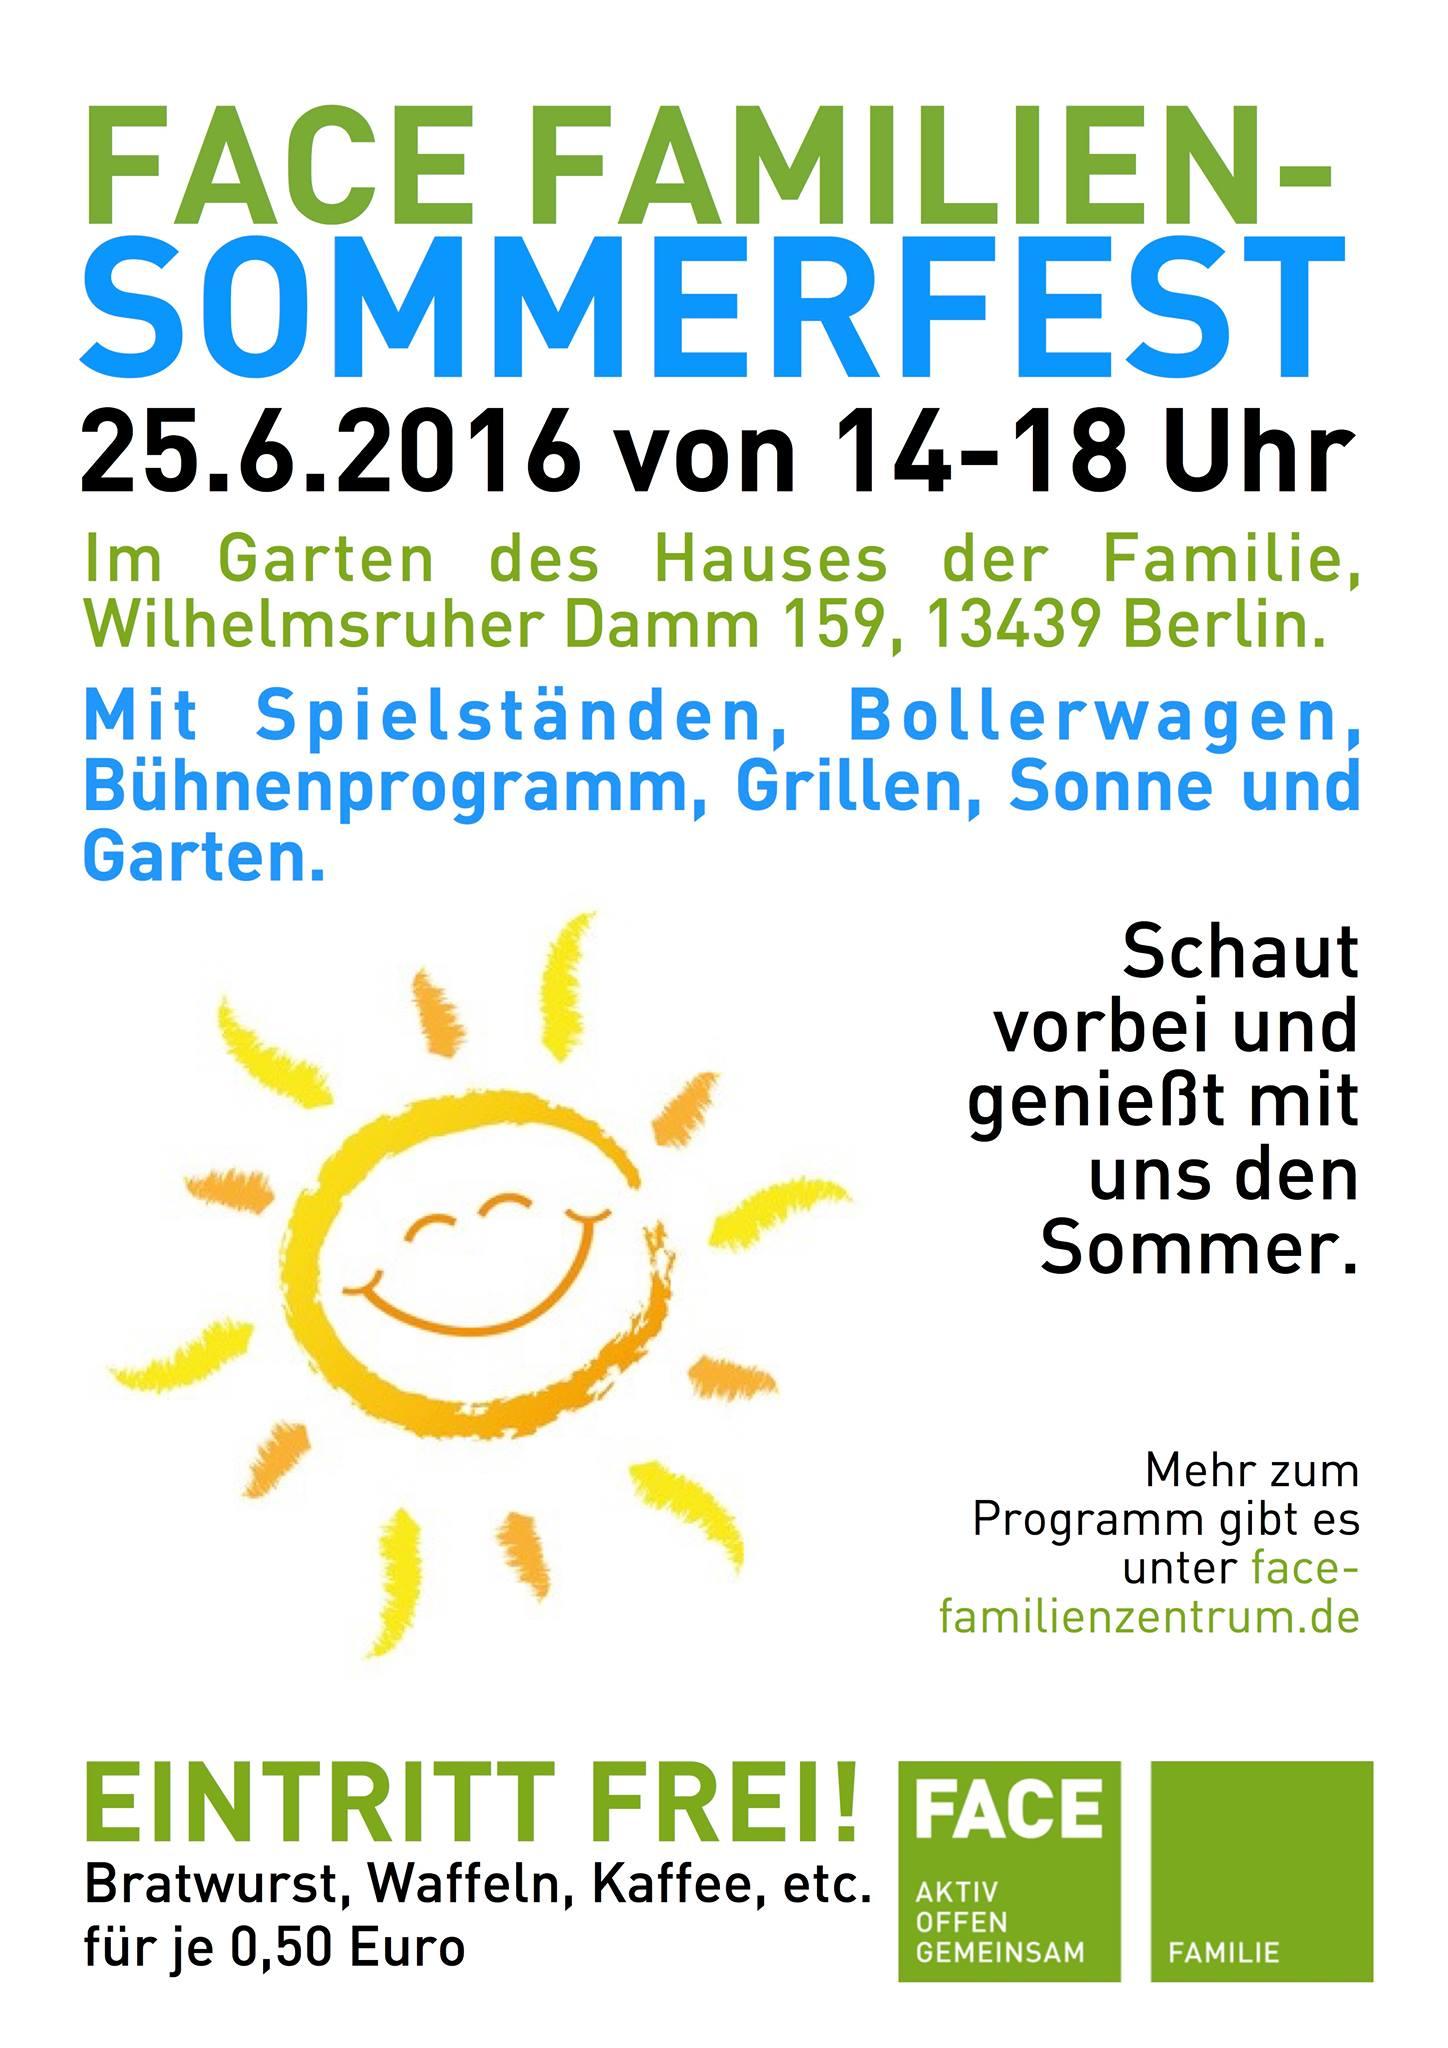 FACE Familiensommerfest am 25.6.2016